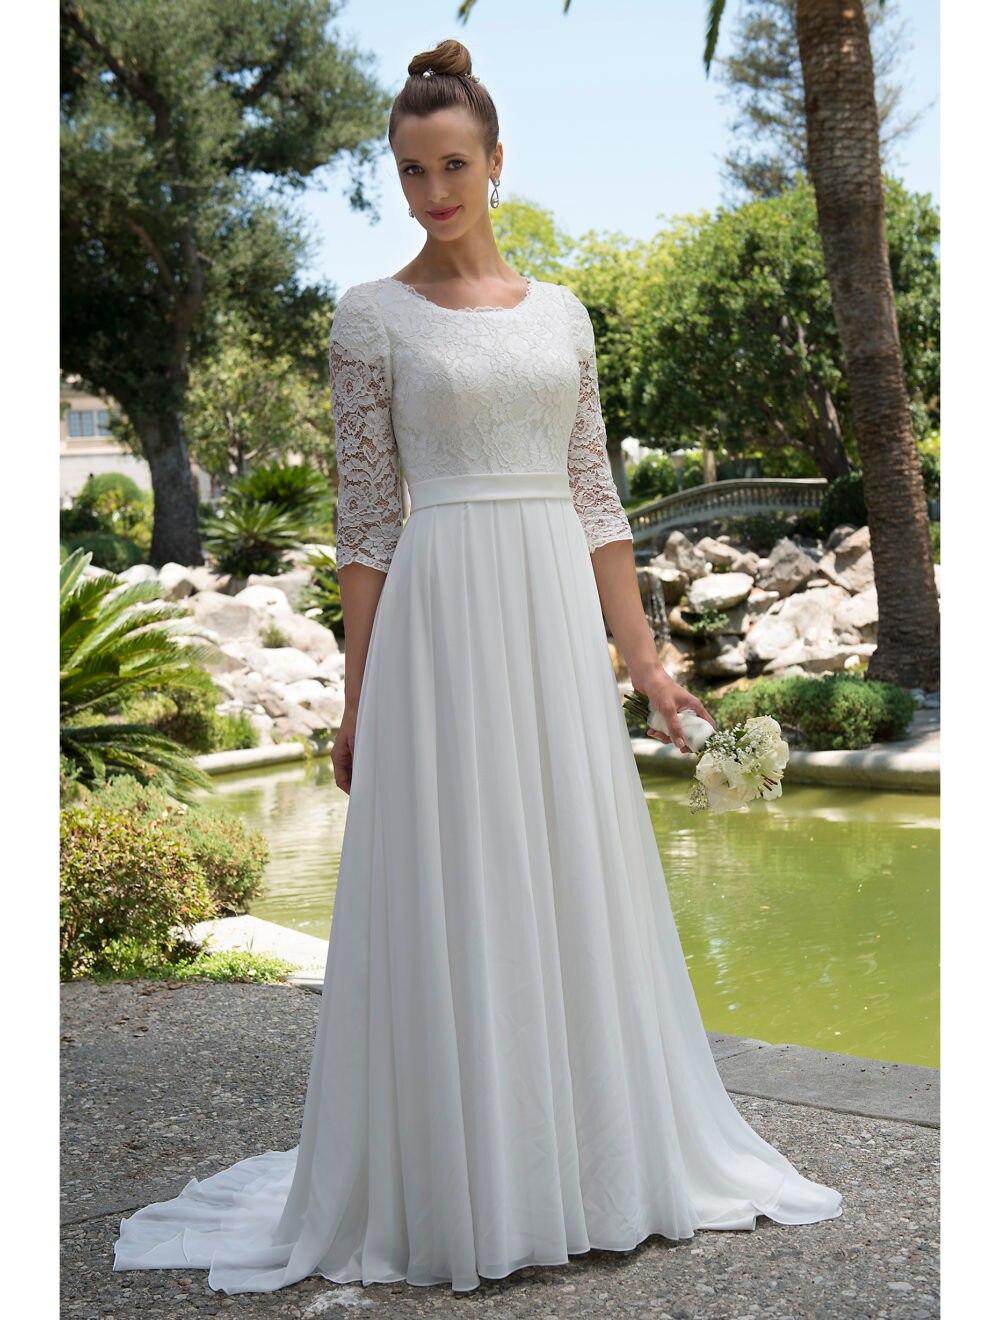 Beach Wedding Dresses for Older Brides | Dress images